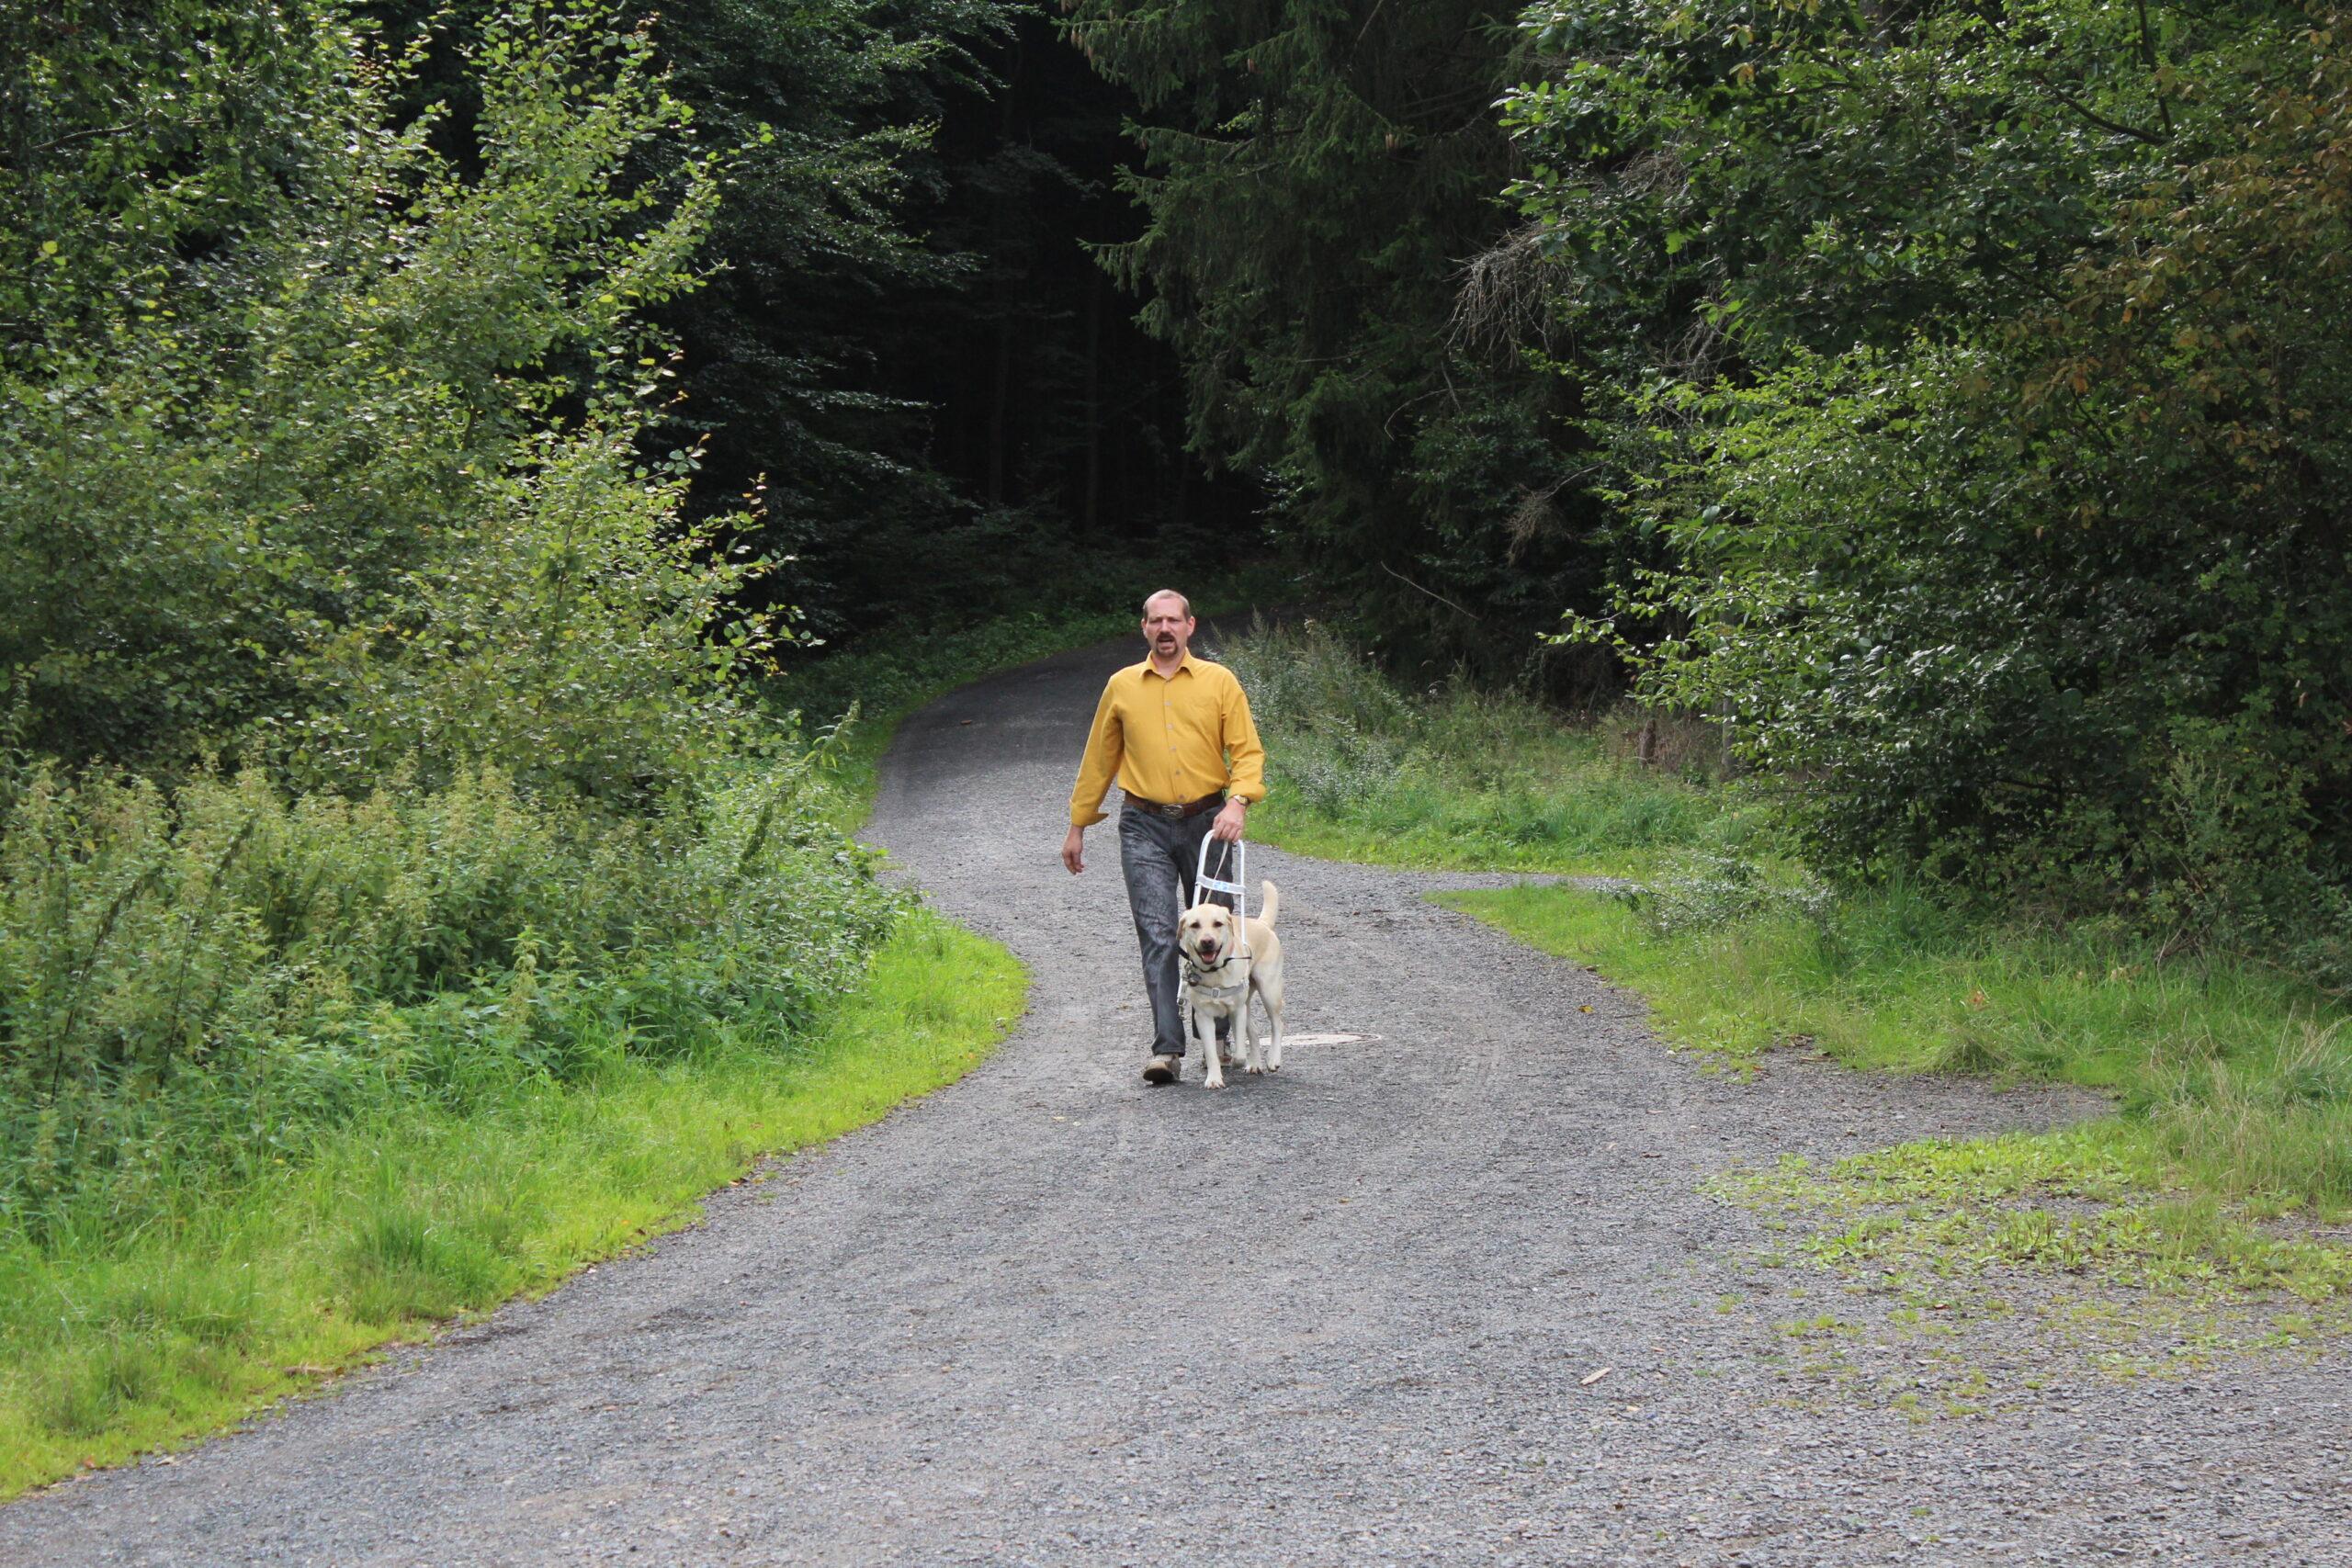 Marco Beyer geht mit seinem Blindenführhund einen Schotterweg entlang. Links und rechts ragen Bäume und Büsche auf, Bildrechte: Marco Beyer.